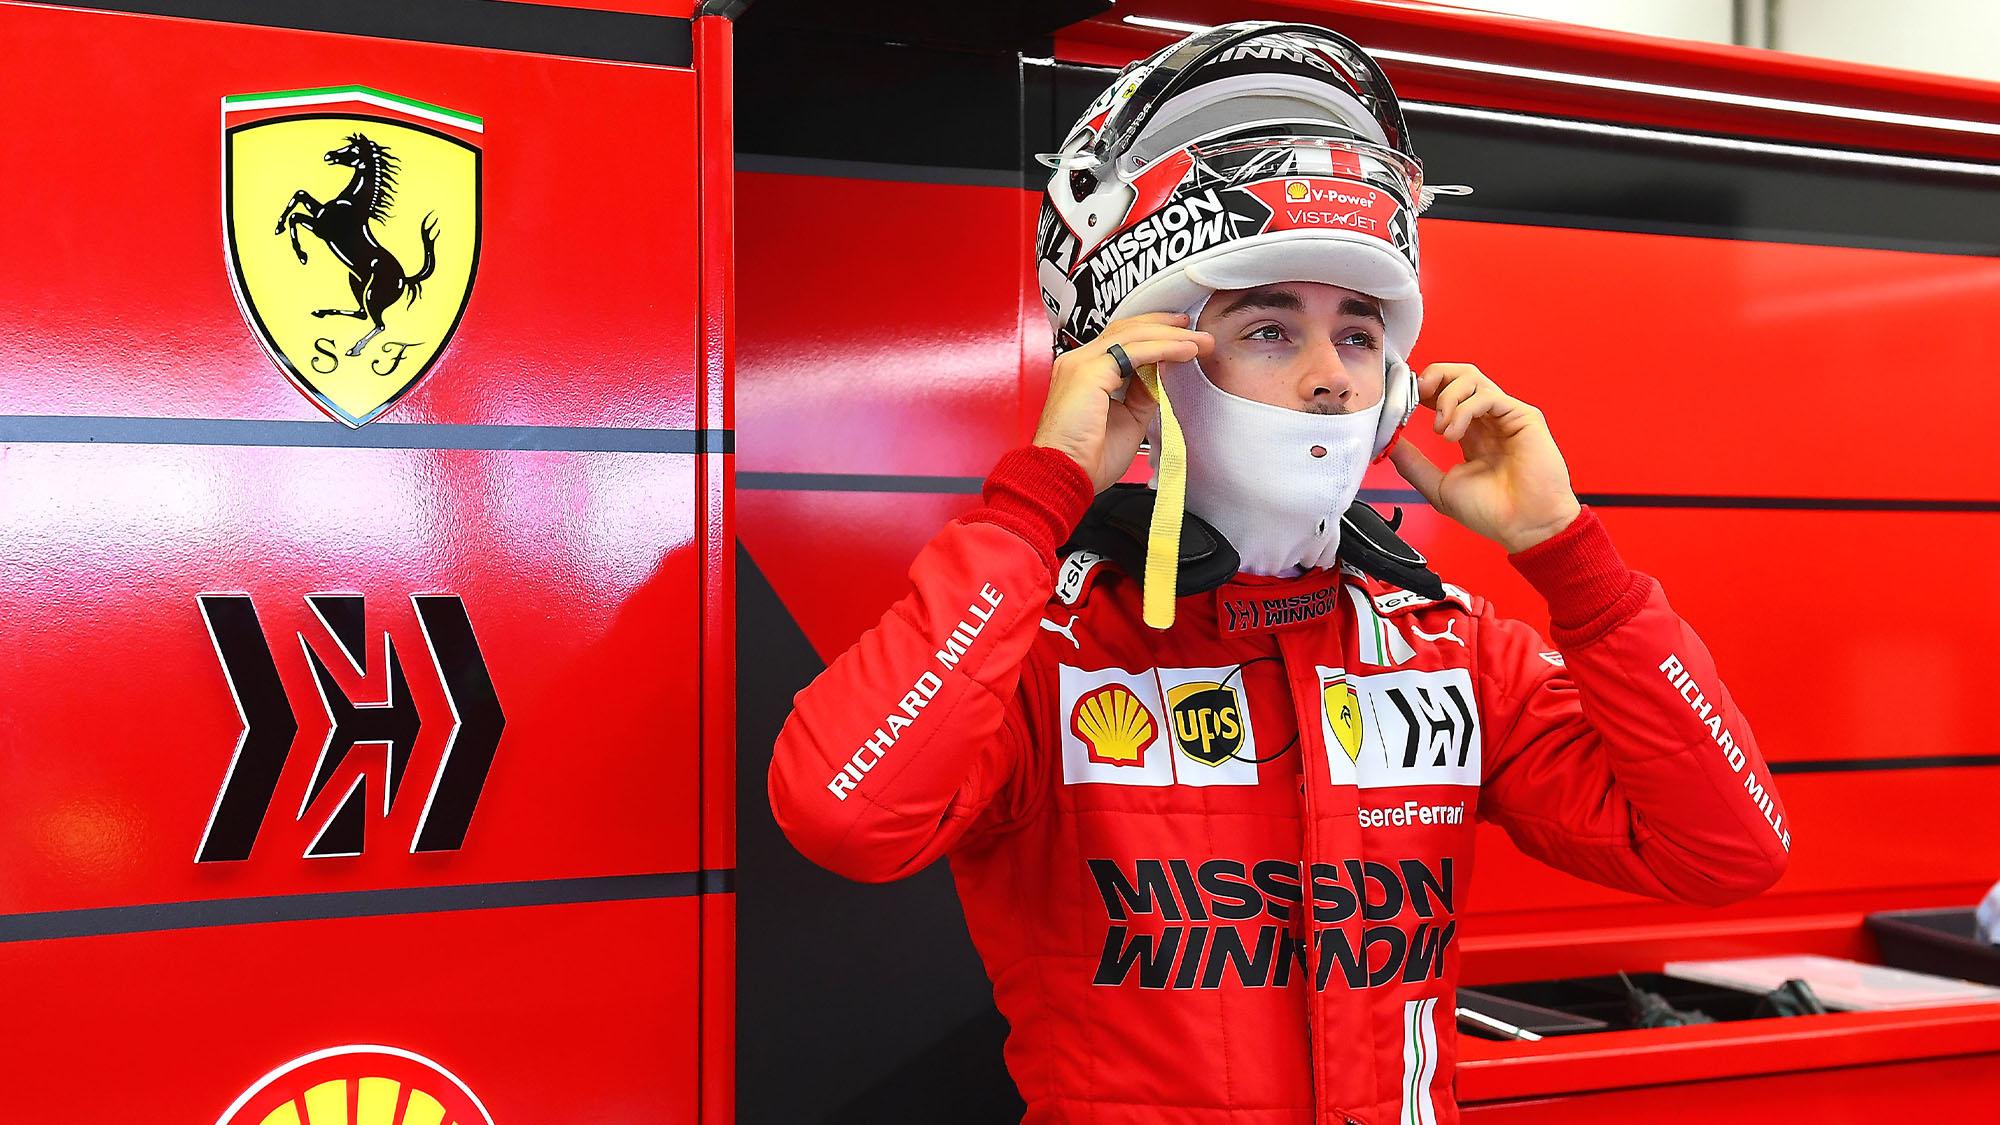 Carlos Sainz puts his helmet on in 2021 preseason testing